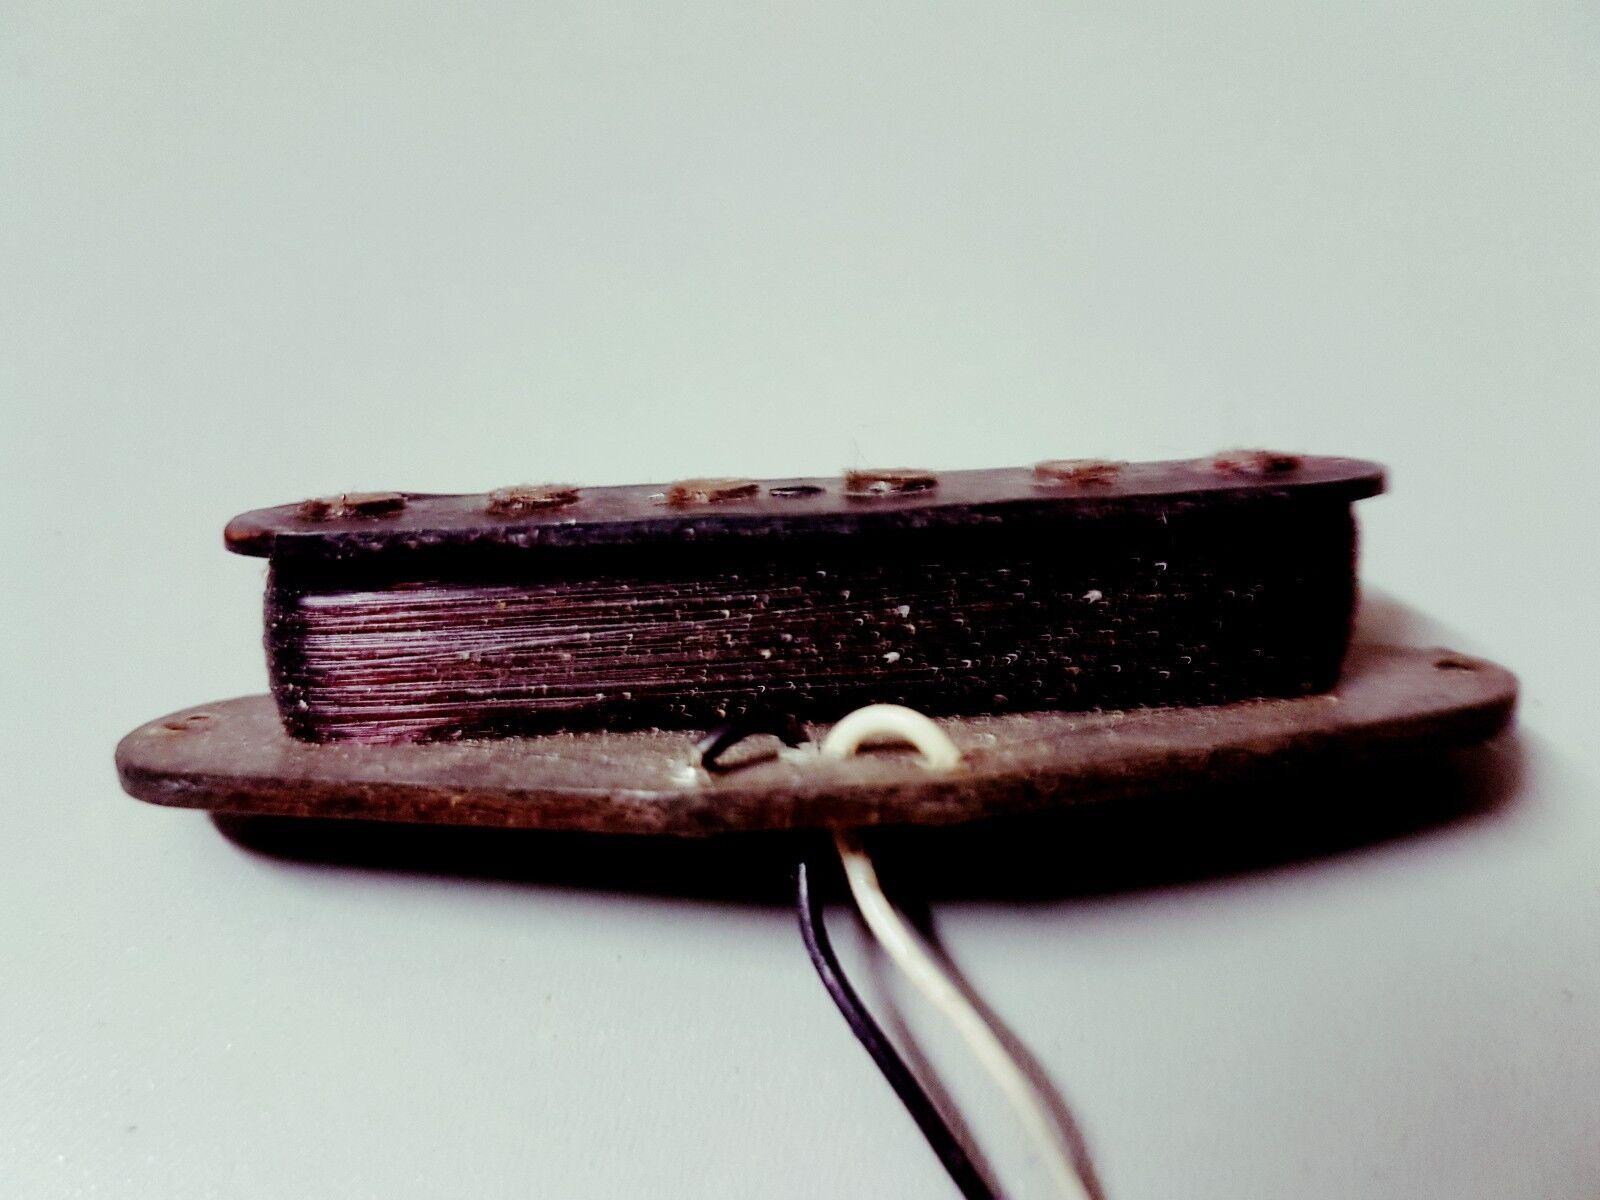 Sonstige Musikinstrumente SchöN 4x 3 Kanal Kabelbrücke Lkw Überfahrrampe Kabelkanal Überfahrschutz Kabelschutz 100% Garantie